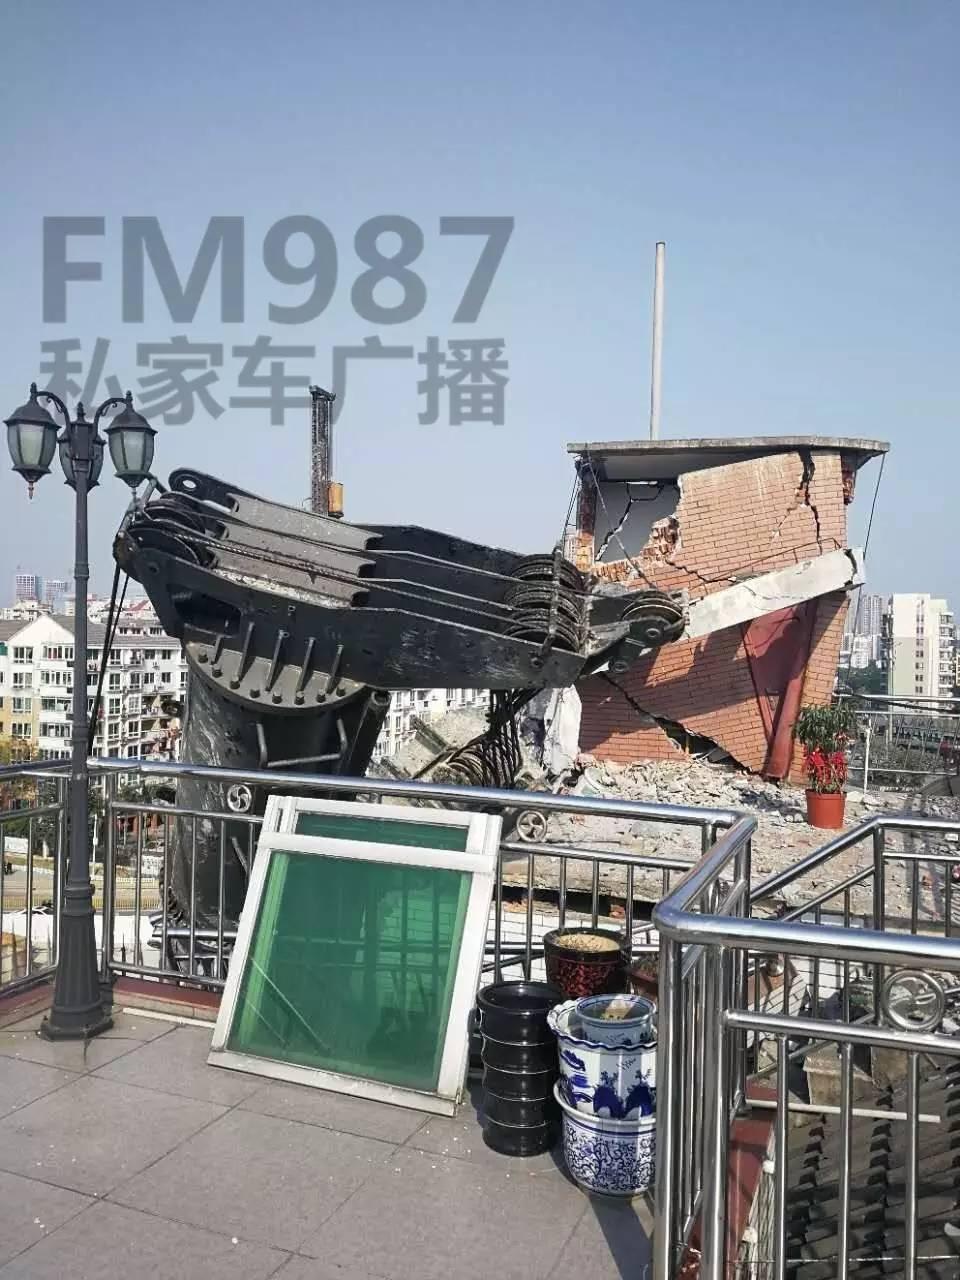 巨型三轴搅拌机突然倾倒 福州金山摘仙苑顶层被砸